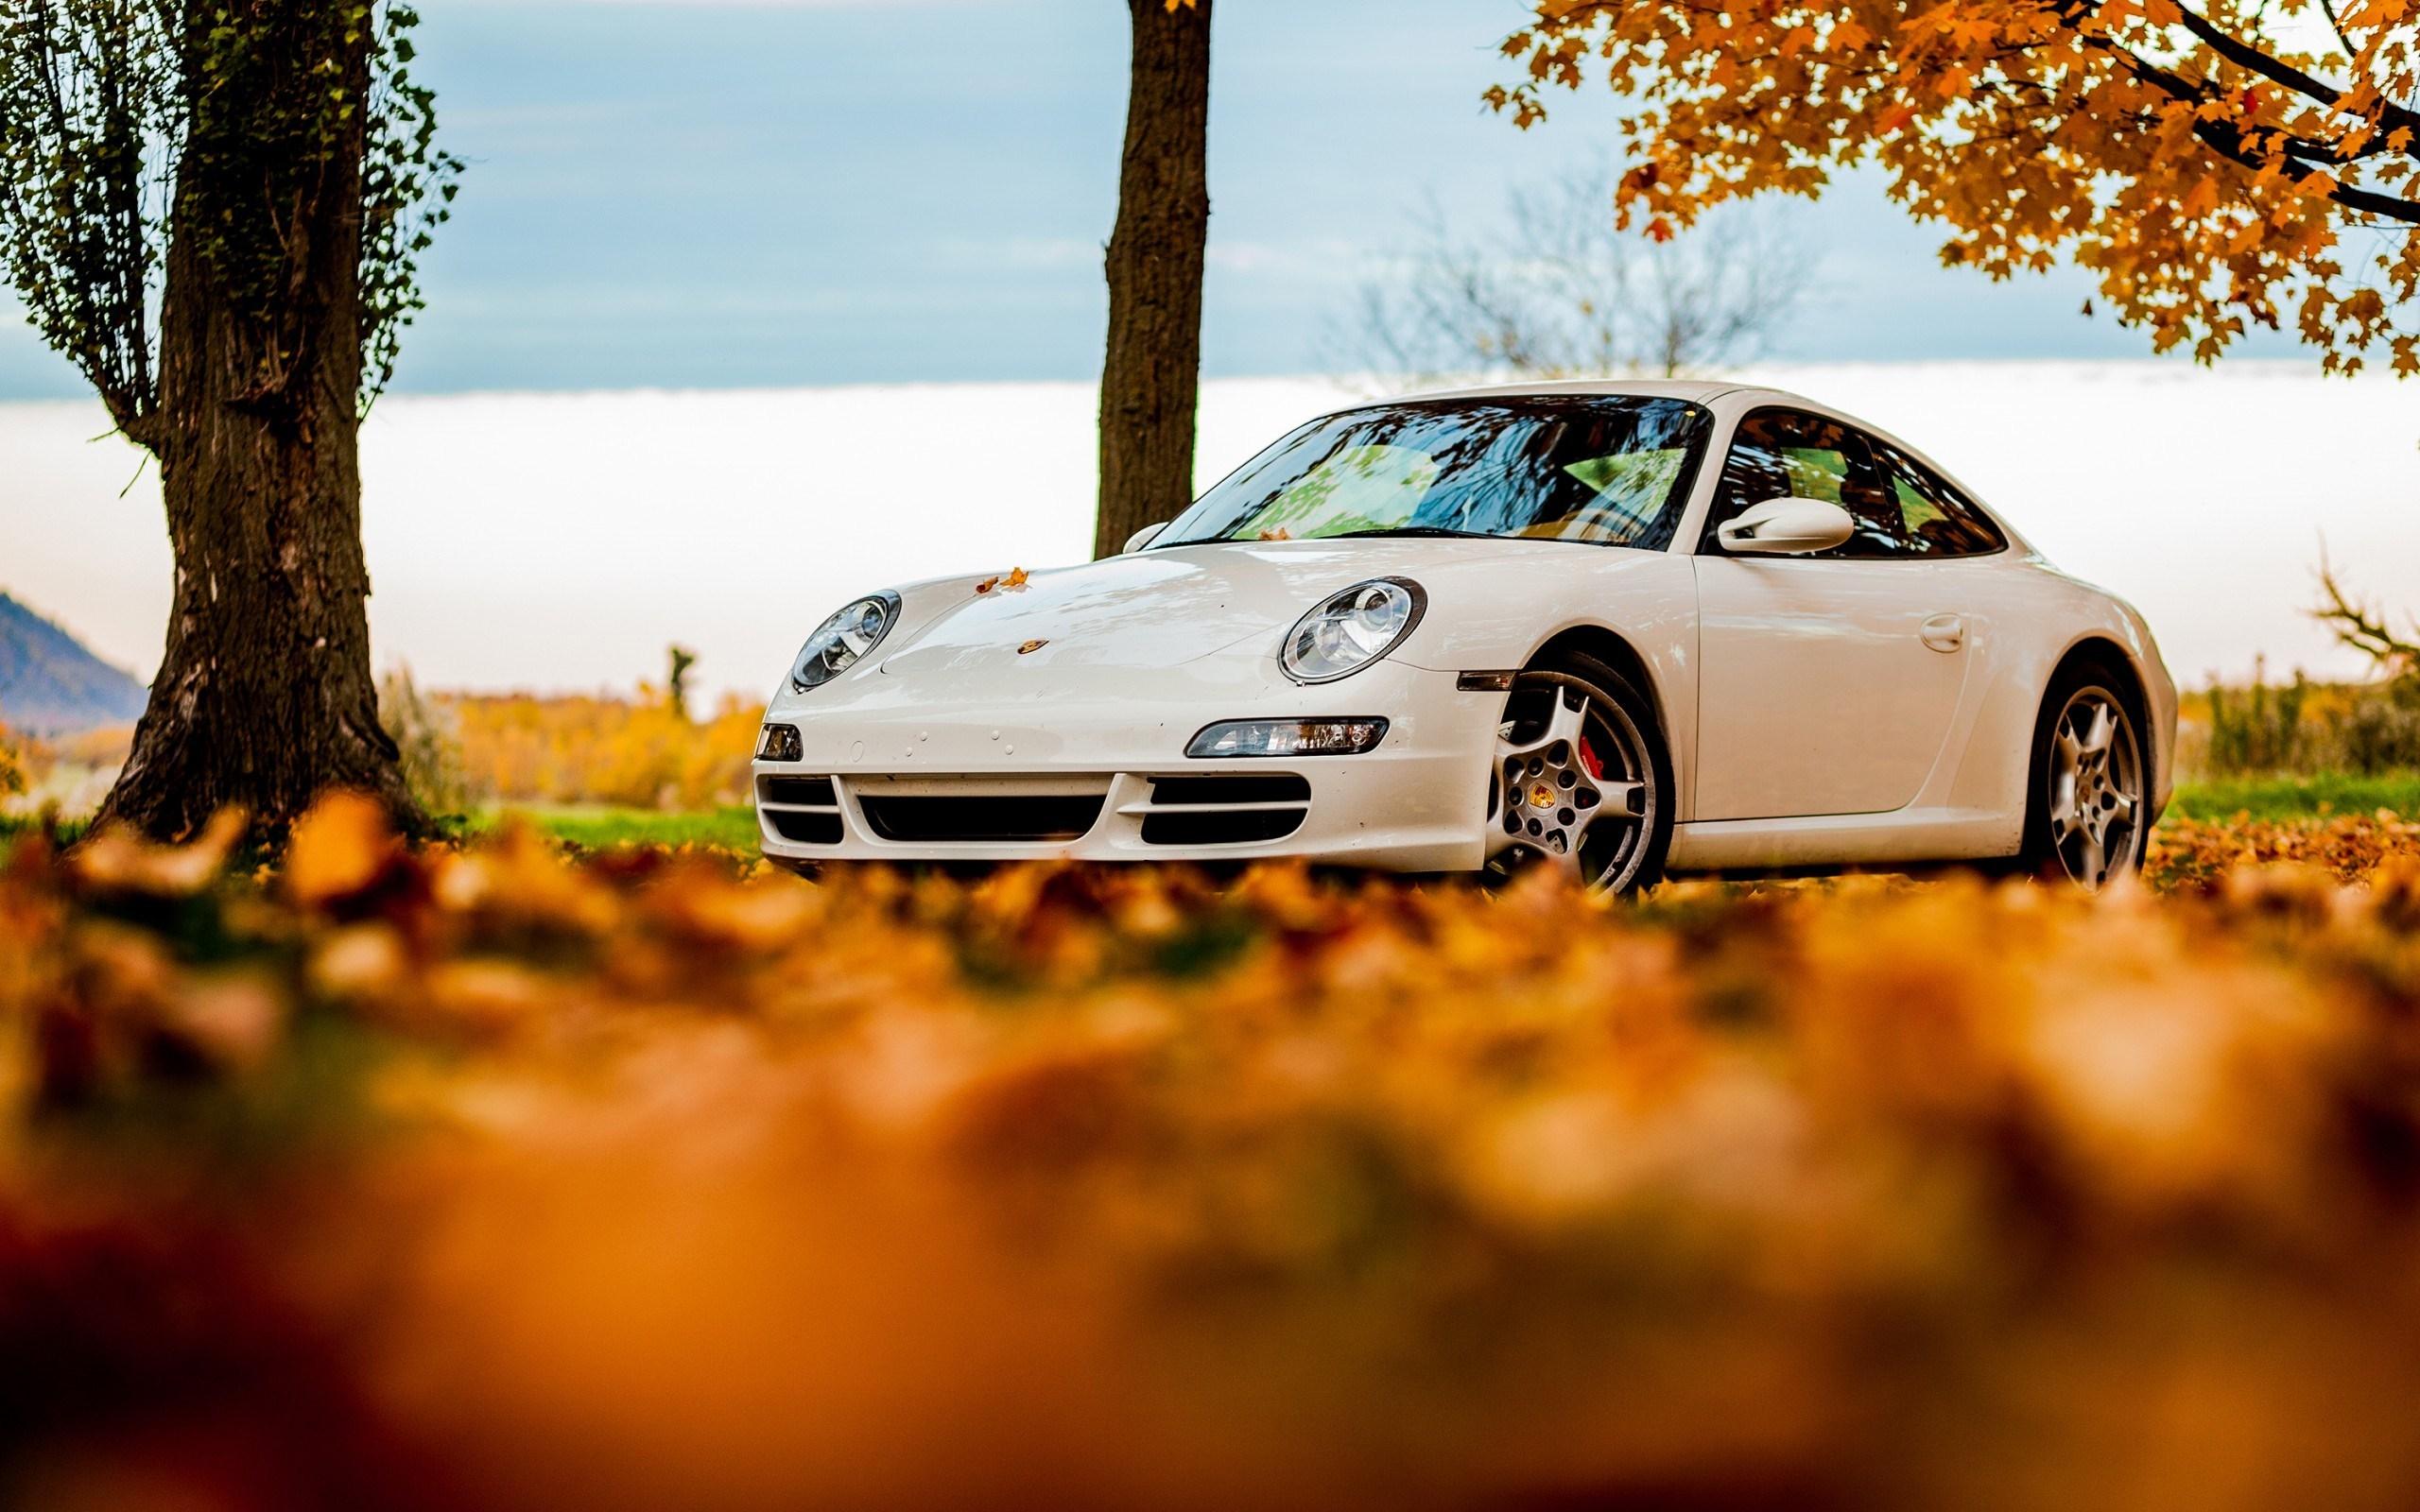 Beautiful Fall Wallpaper Desktop 15 Excellent Hd Porsche Wallpapers